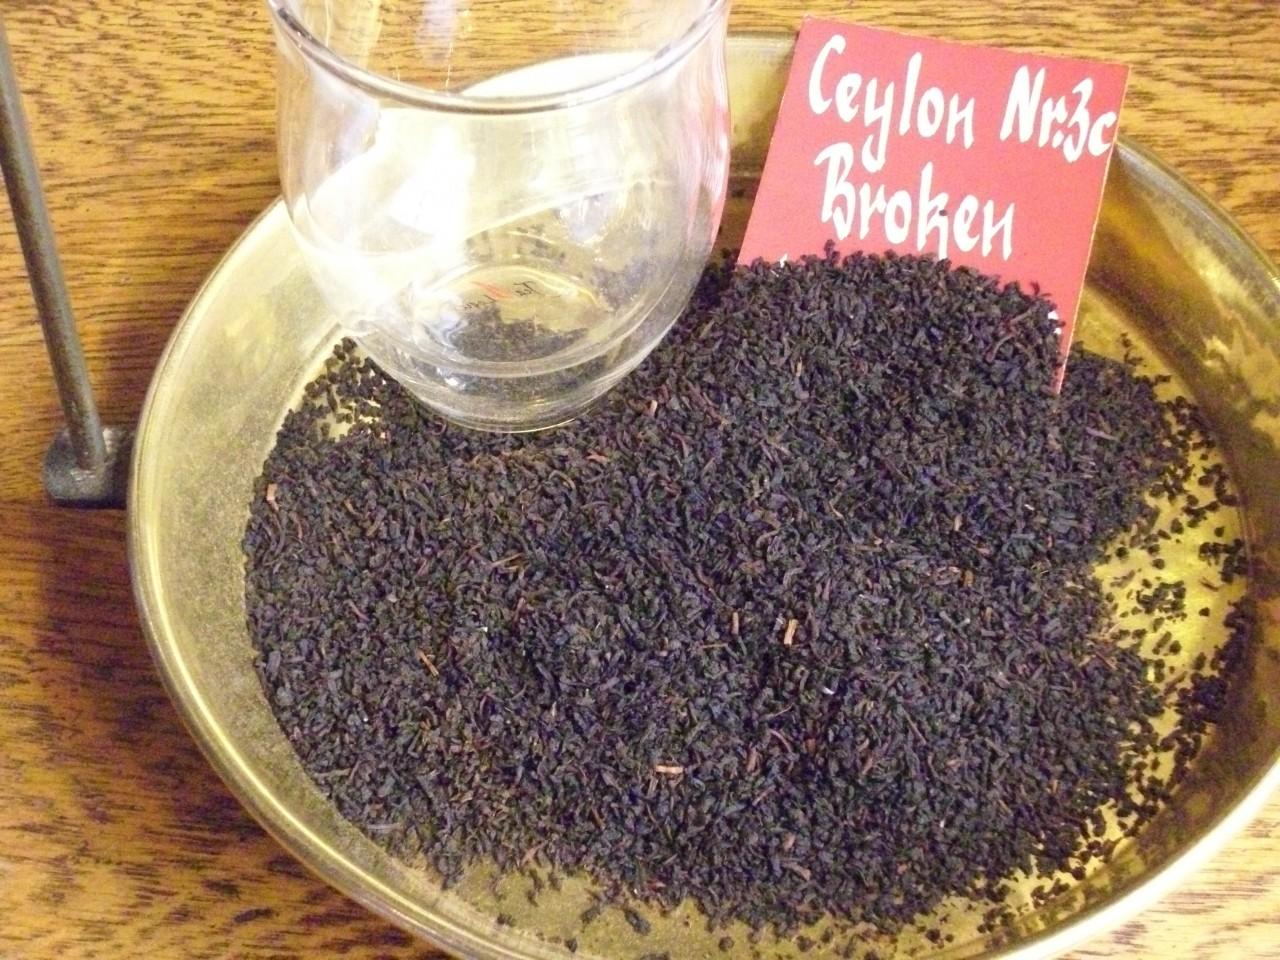 Ceylon Broken 3c